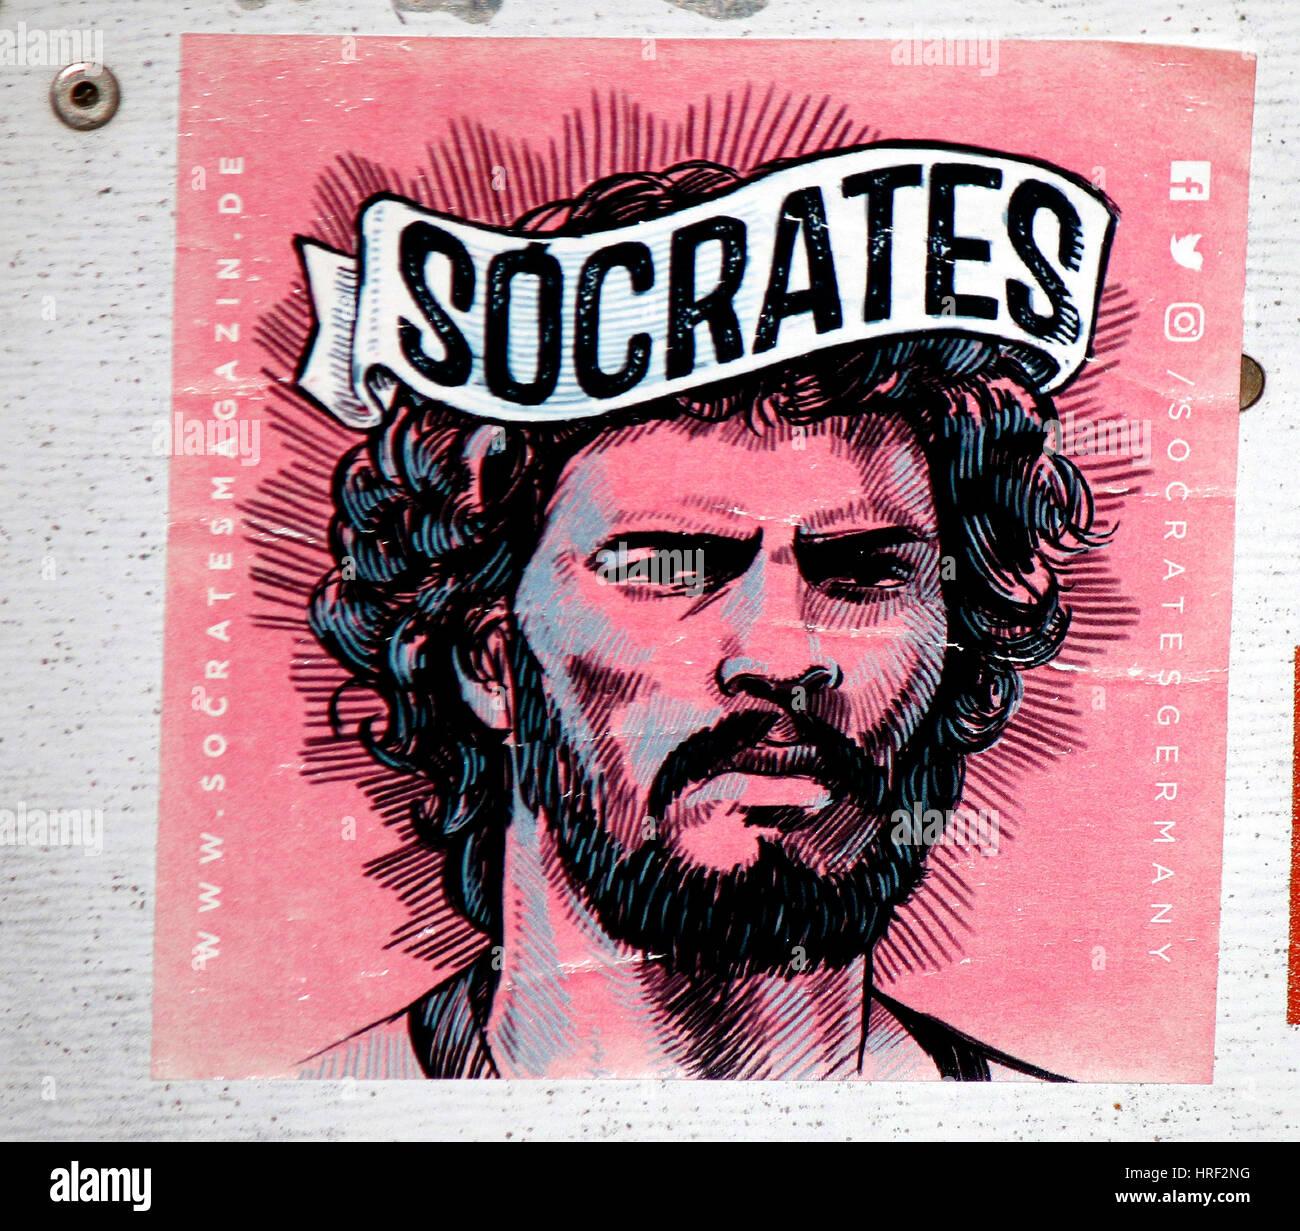 Aufkleber/ Graffity: der brasilianische Fussballer der 80er Jahre Socrates, Berlin. - Stock Image